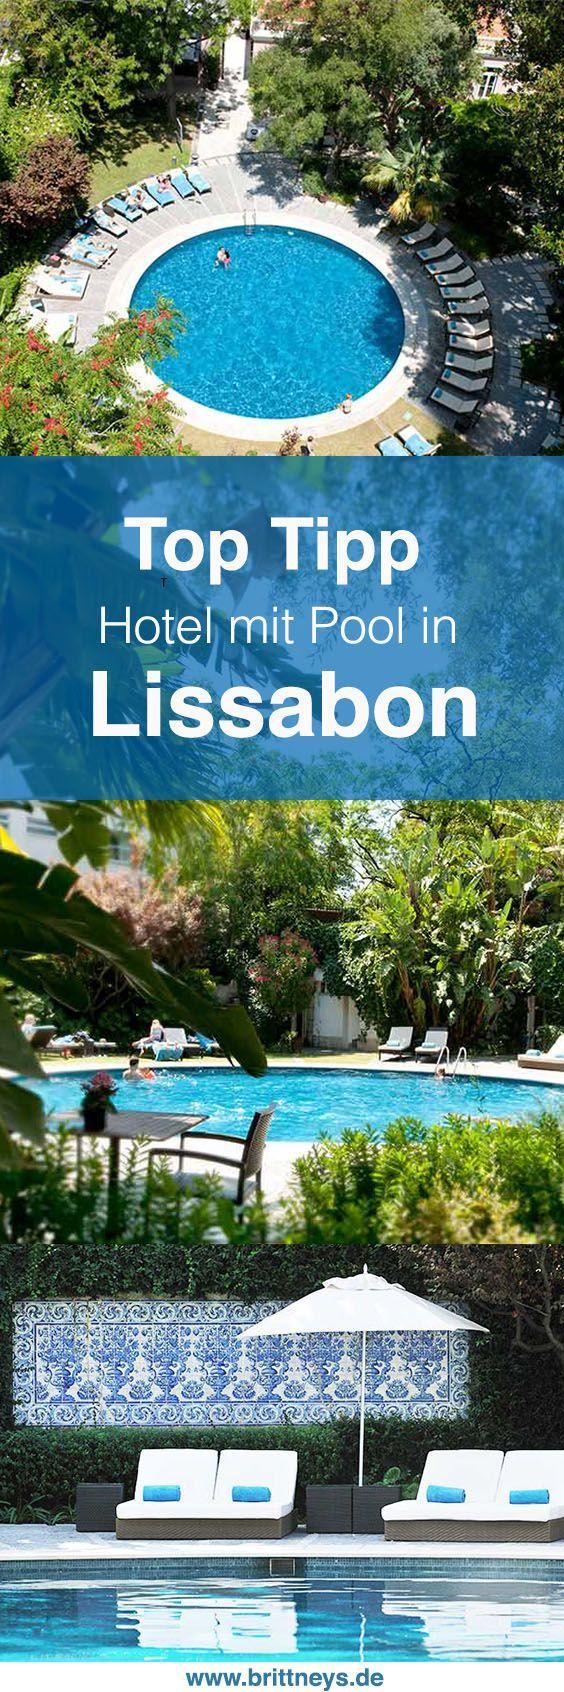 Du suchst ein Luxushotel in Portugal? Wie wäre es mit diesem ultimativen Hotel Geheimtipp in Lissabon? Luxus, Entspannung und ein wunderschöner Pool. #Portugal #Reisetipp